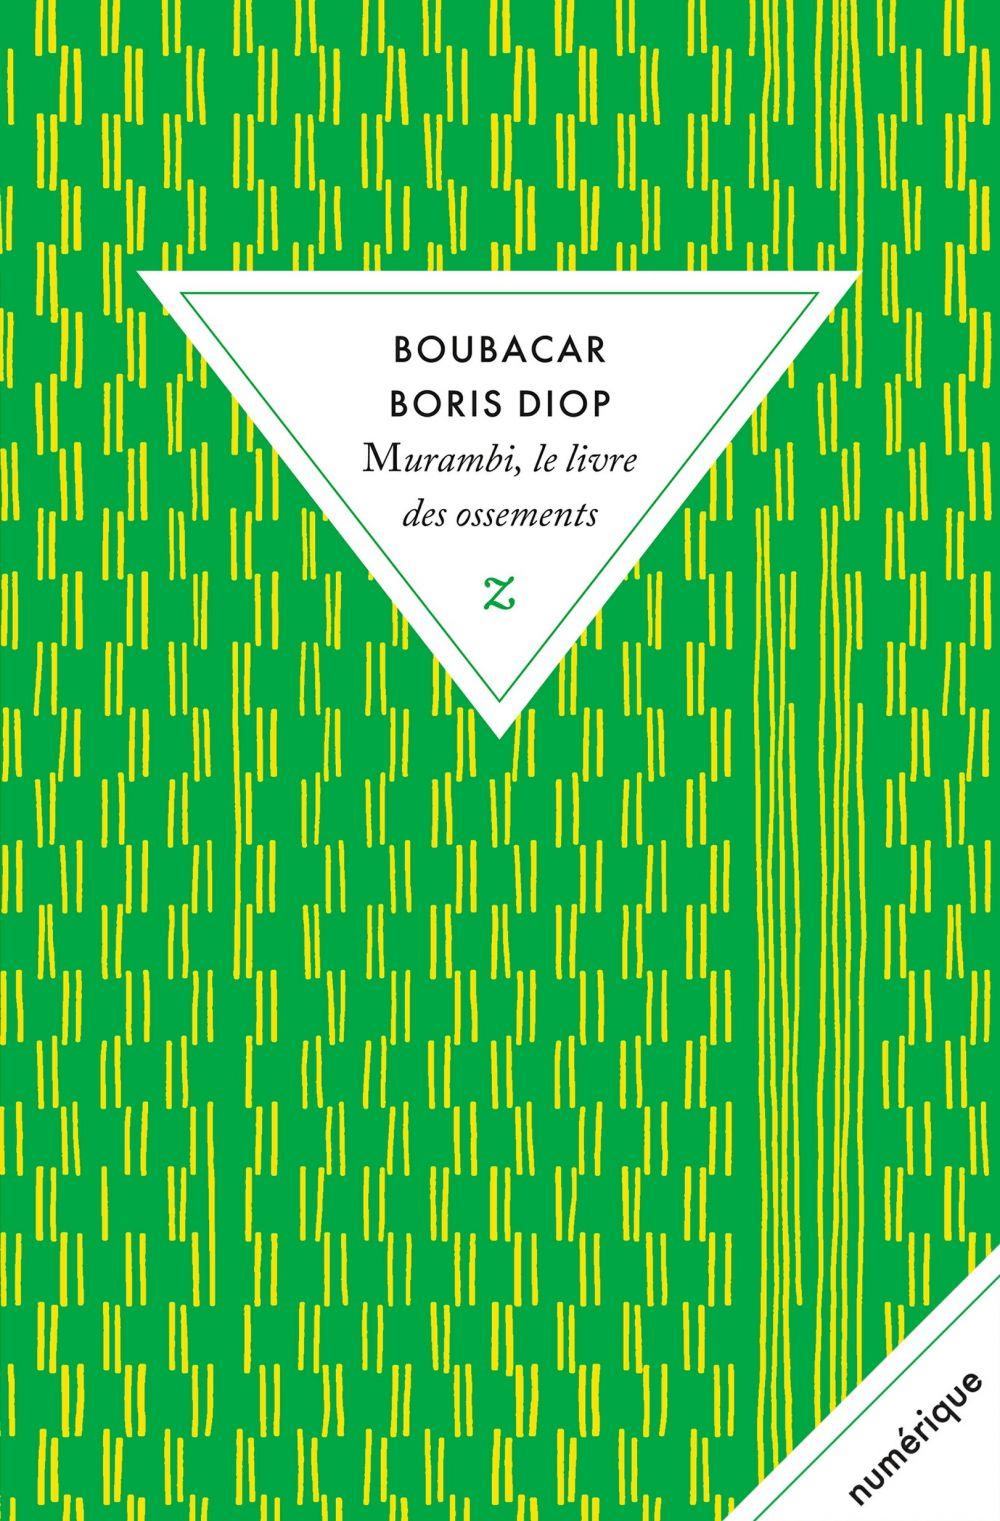 Murambi, le livre des ossements   Diop, Boubacar Boris (1946-....). Auteur